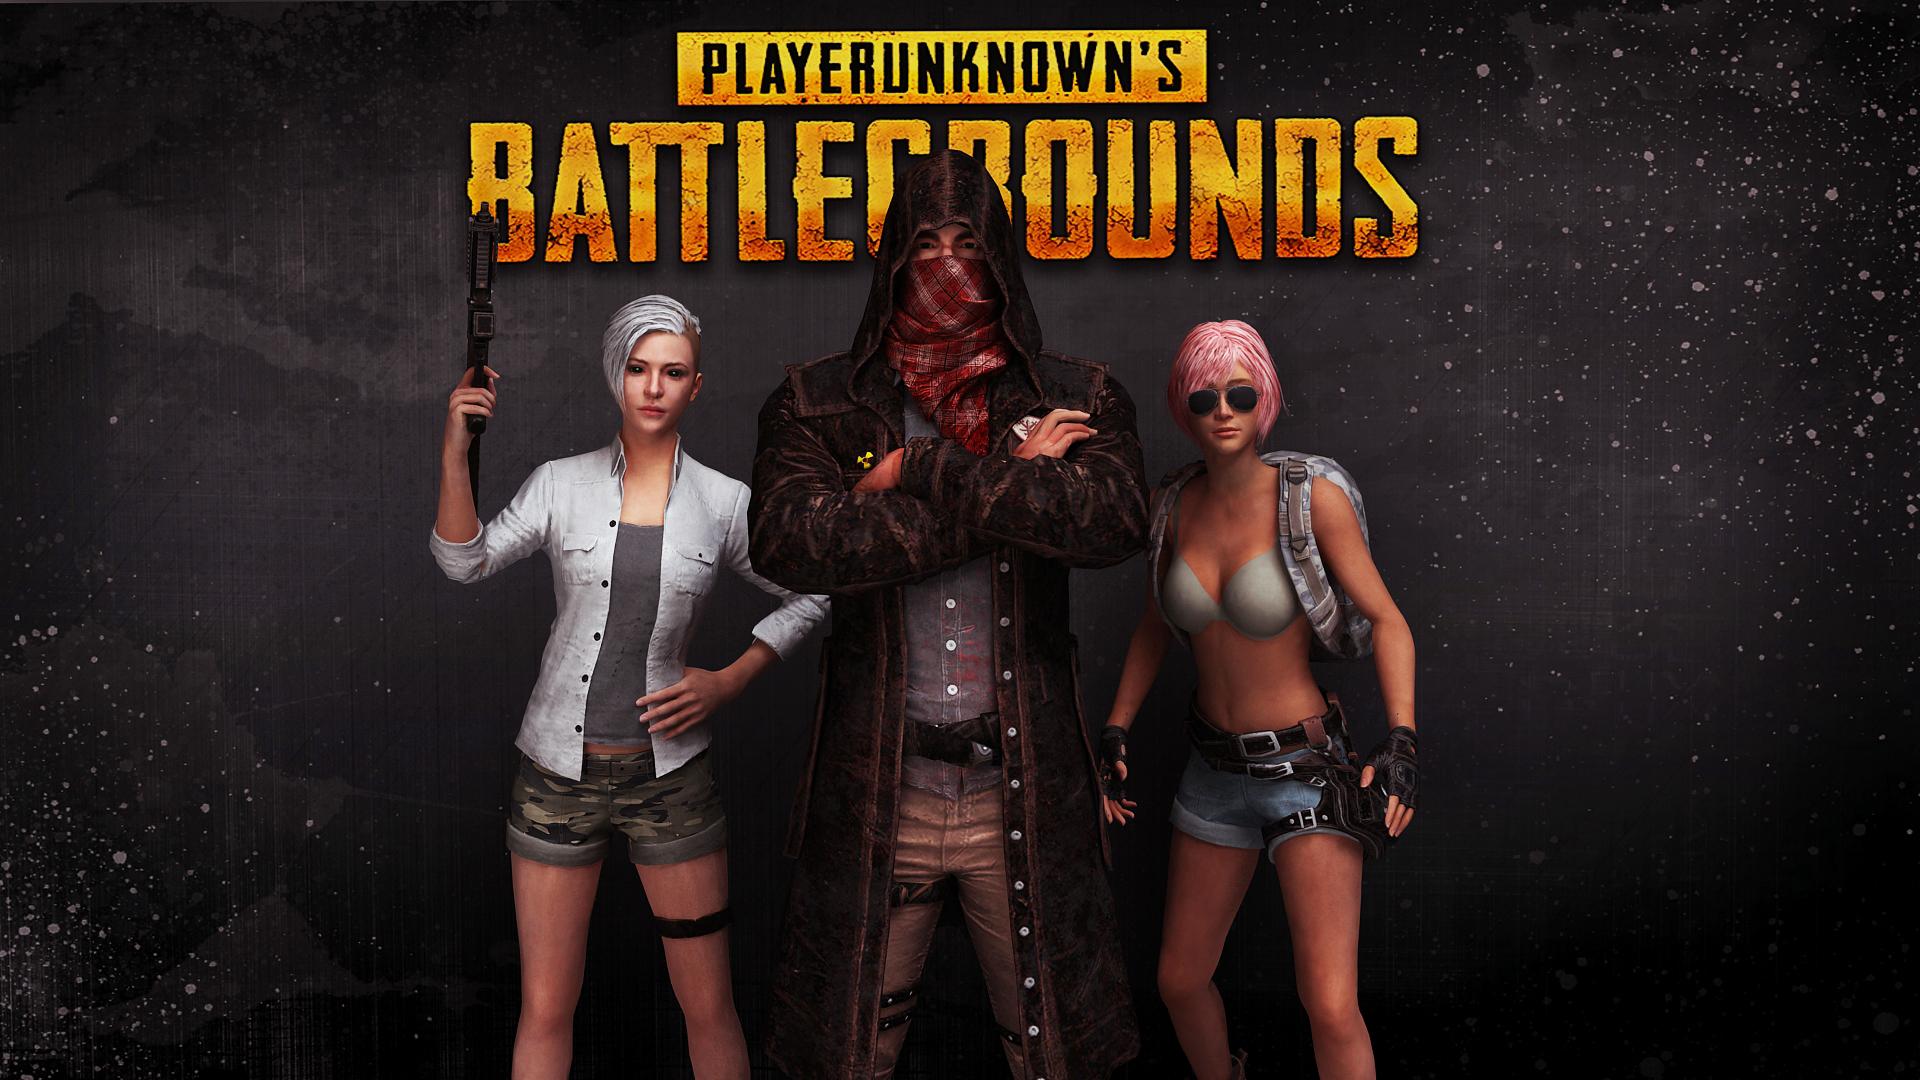 Wallpaper Player Unknown Battleground Pubg M4a4 Girls: PlayerUnknown's Battlegrounds HD Wallpaper